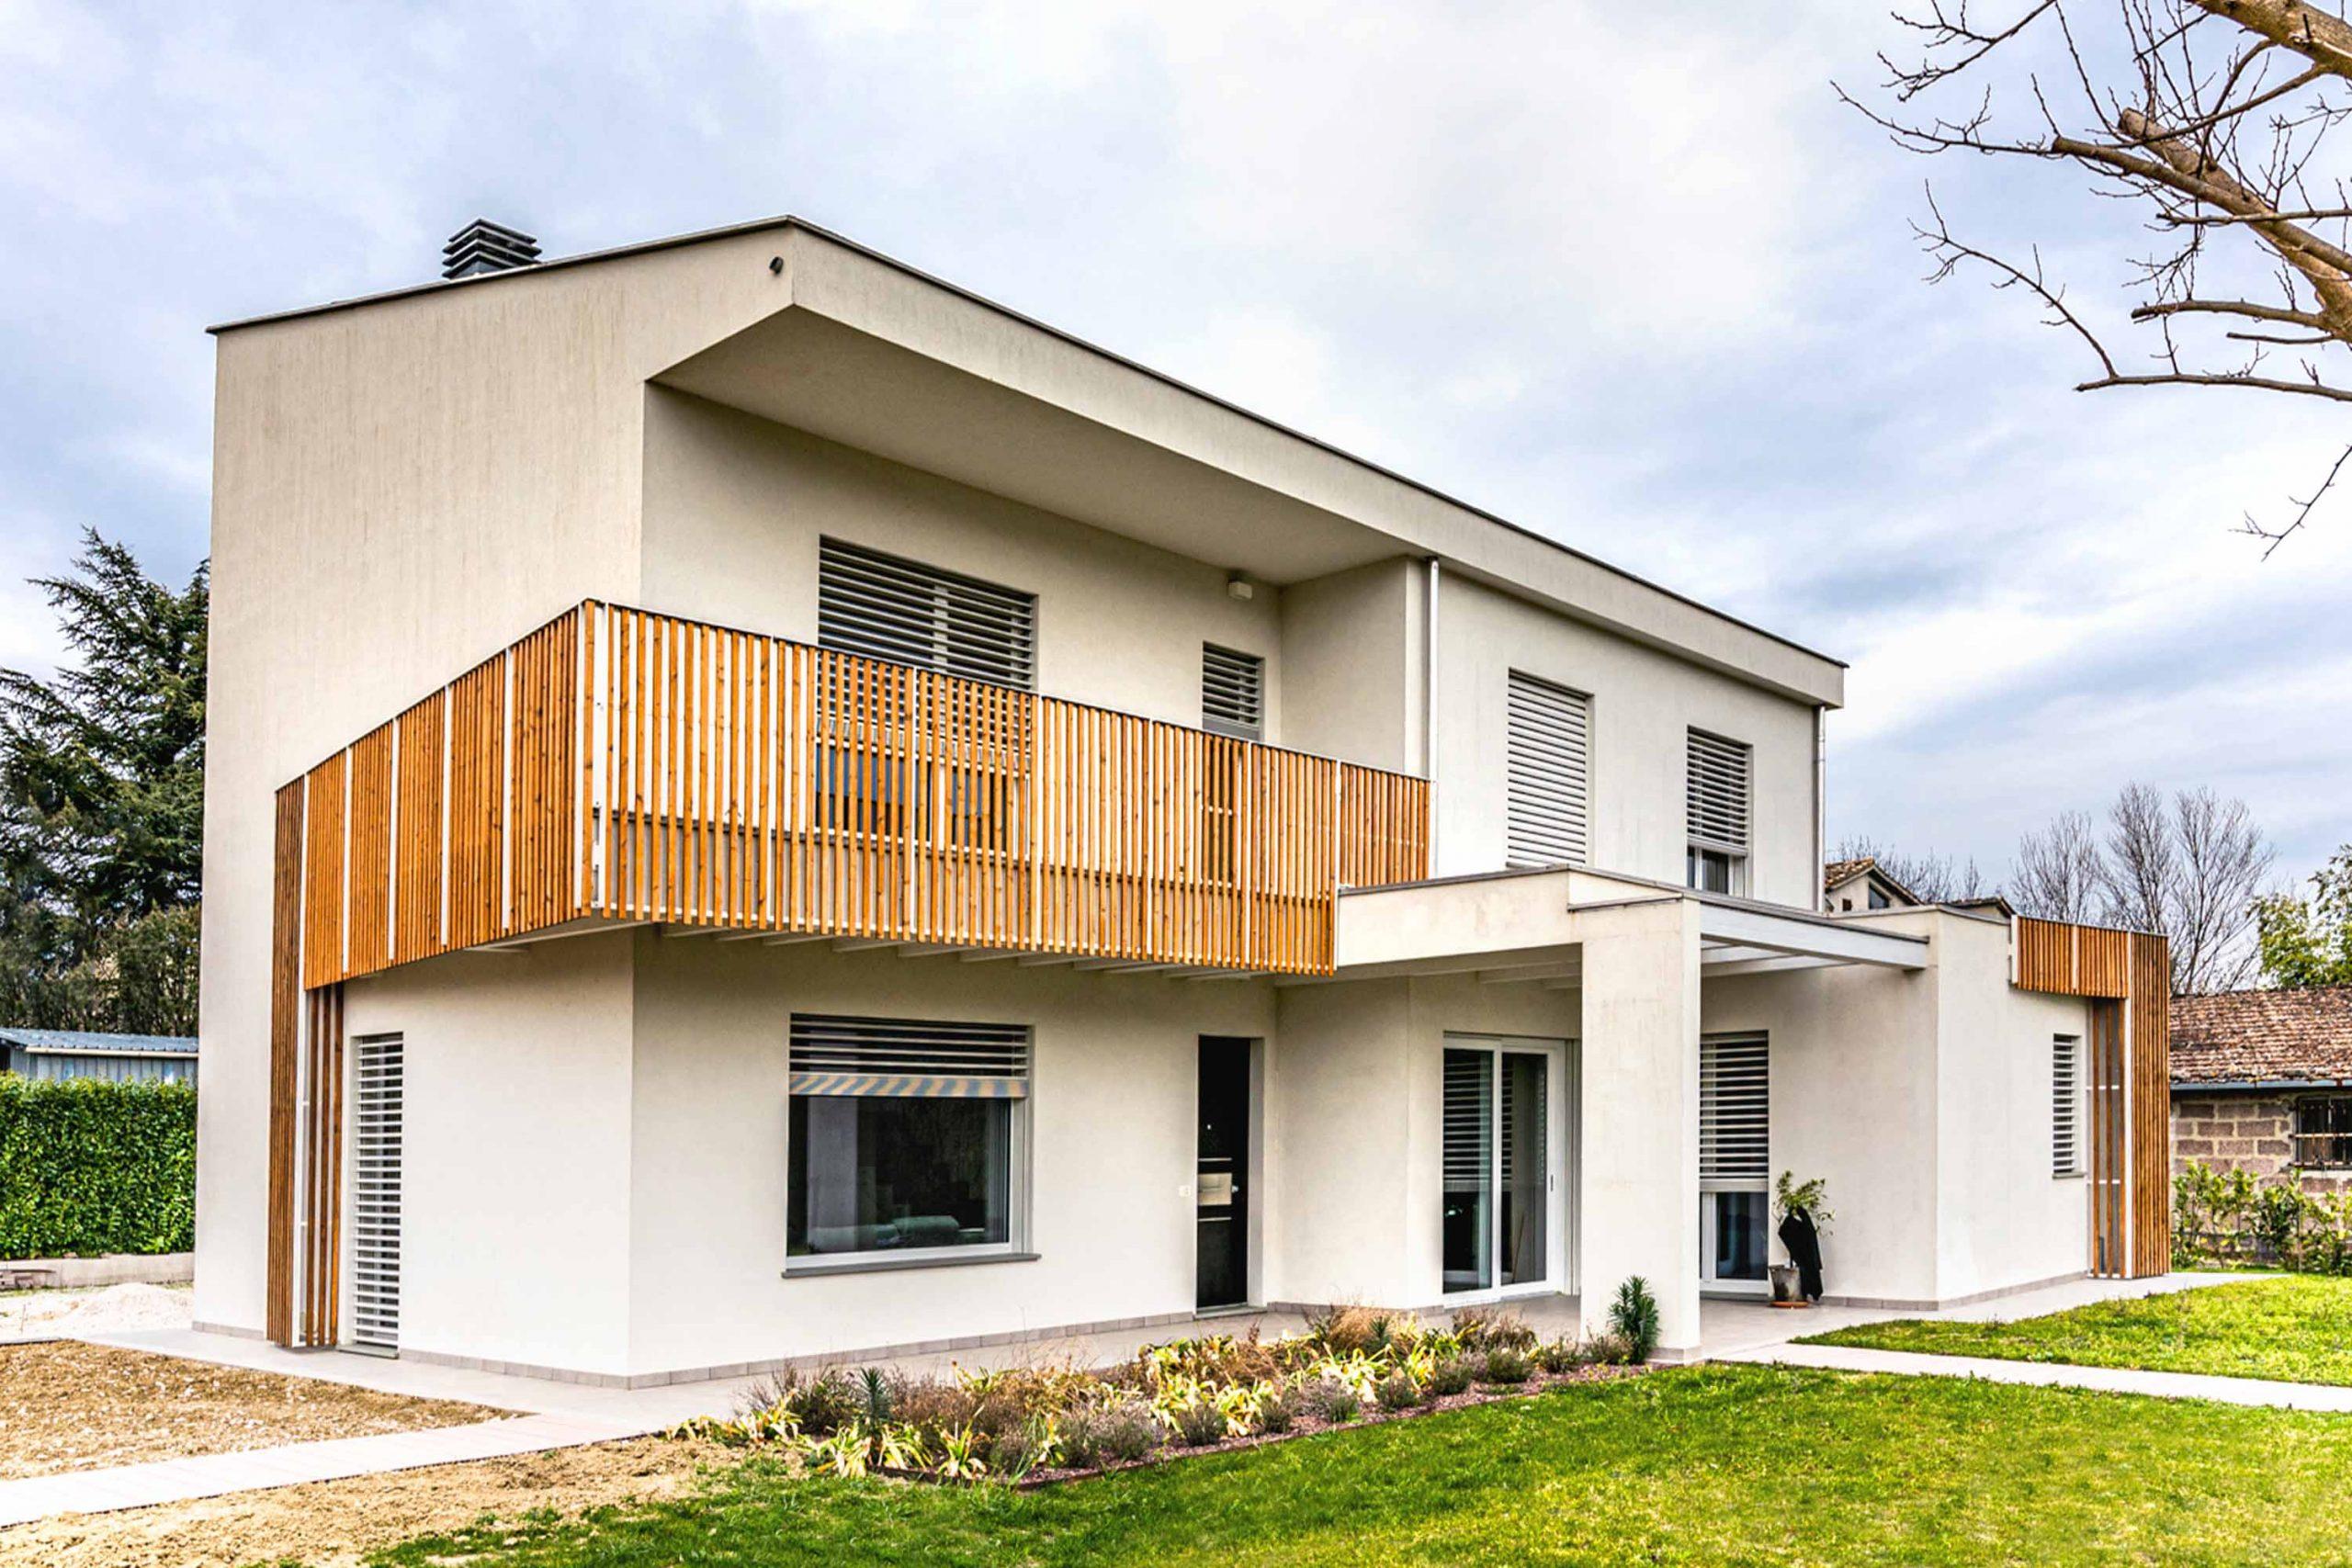 Wooden Houses_Villa Unifamiliare a due piani_Struttura in legno geometrica e moderna. Casa elettrica dotata di fotovoltaico, VMC e frangisole.